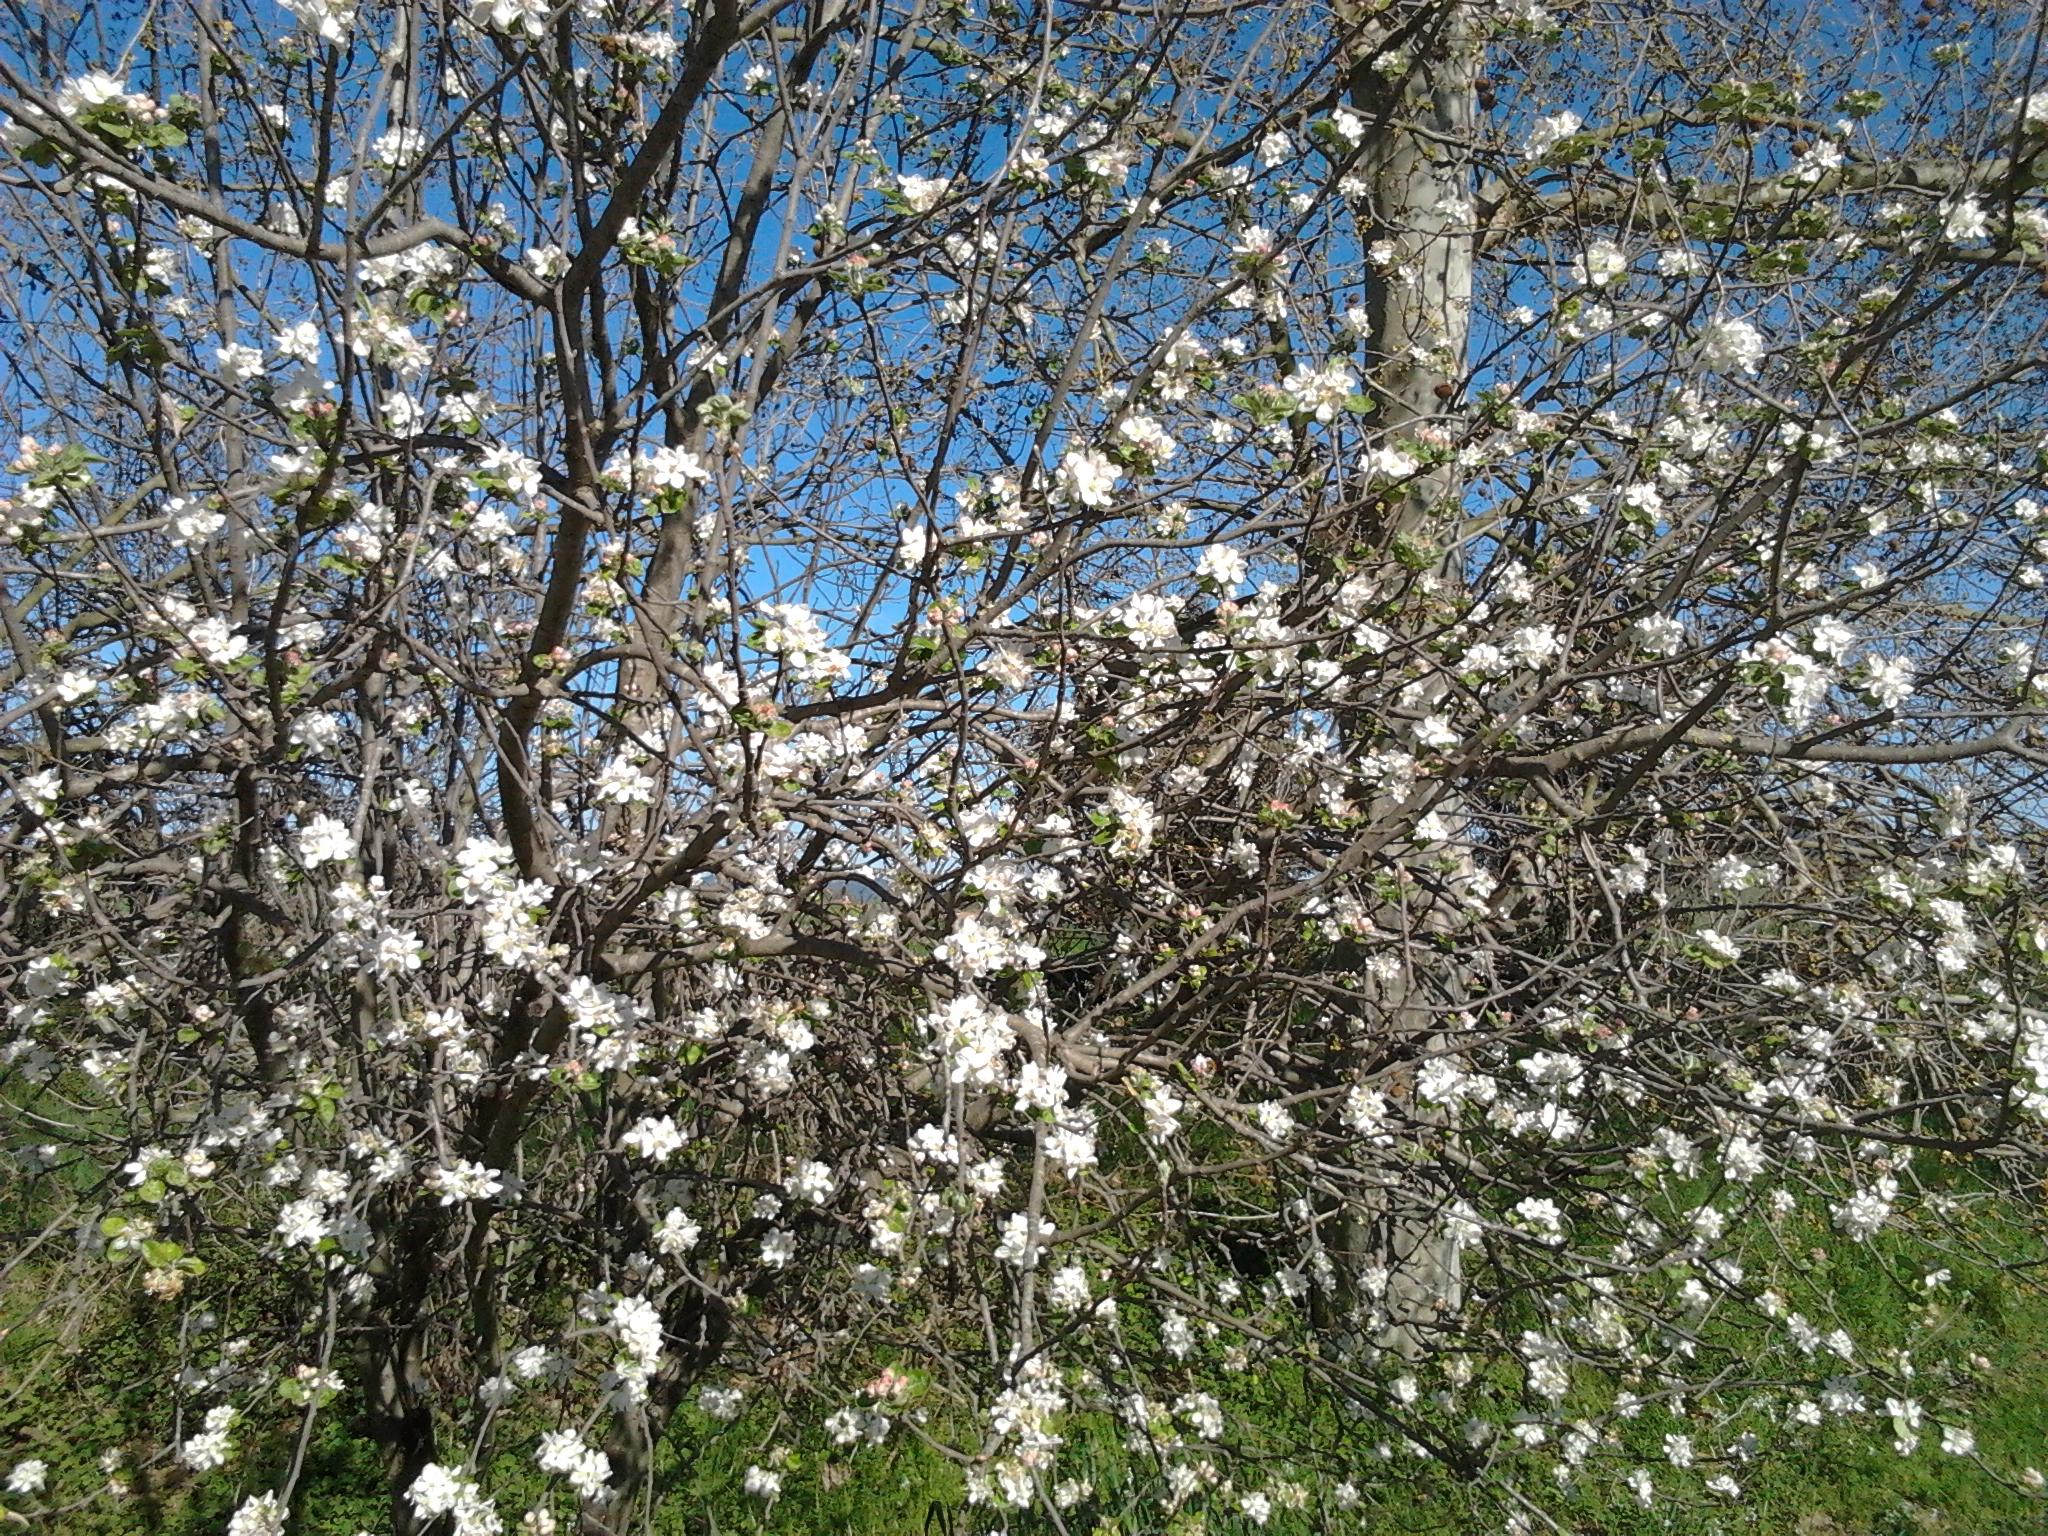 Les flors, com els i les joves del Tresca, són boniques en si mateixes.